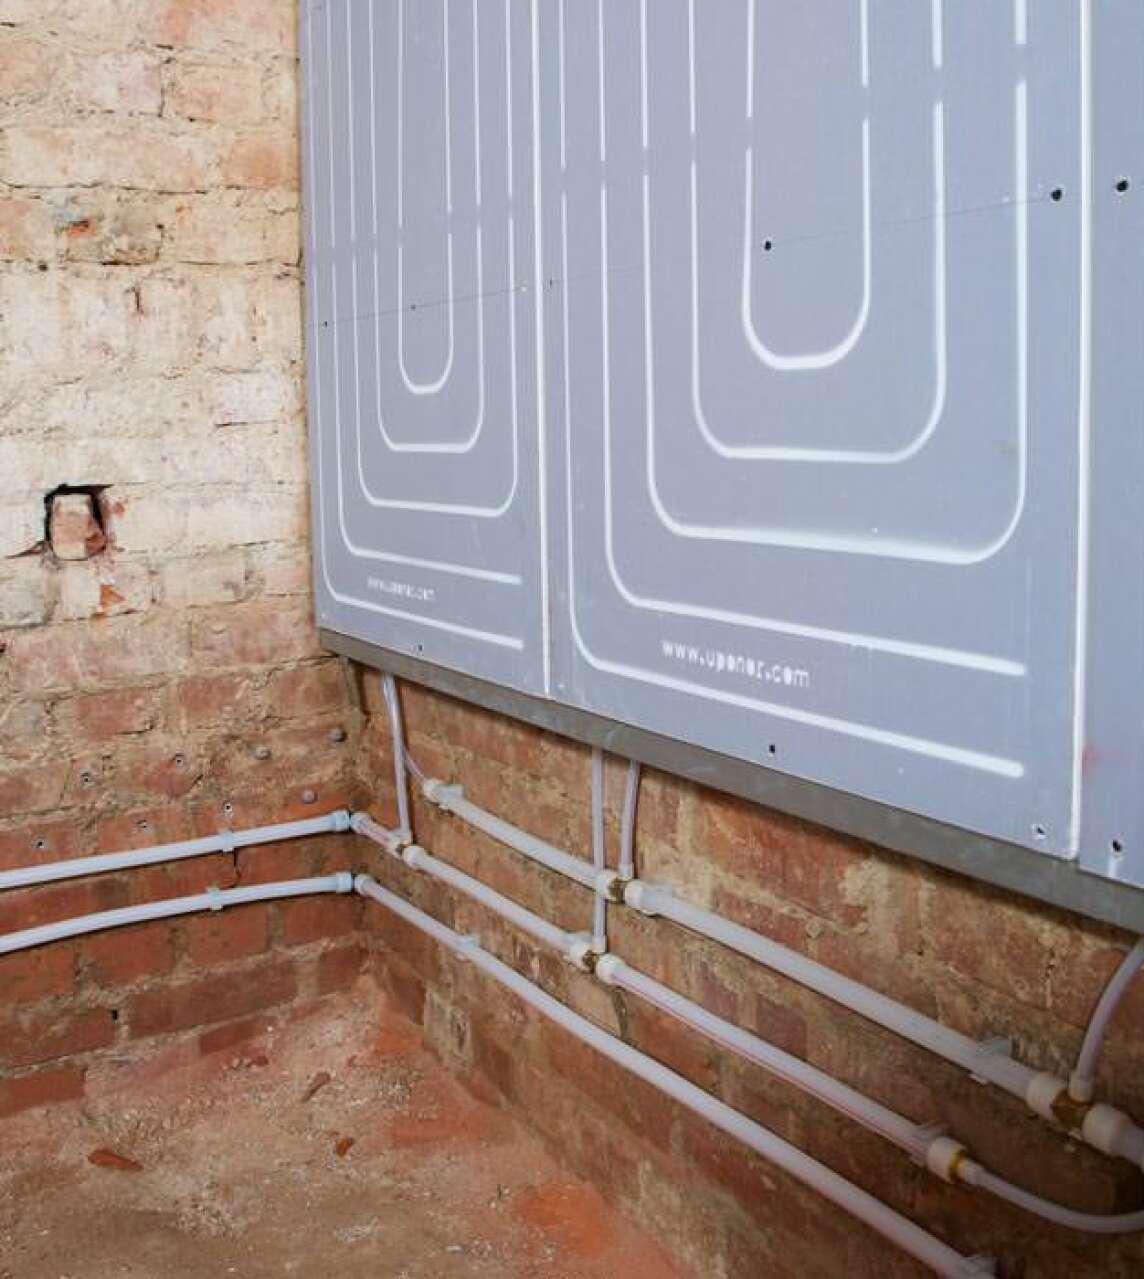 Uponor Renovis: Flächenheizung in Trockenbauweise mit bis zu 120 W ...